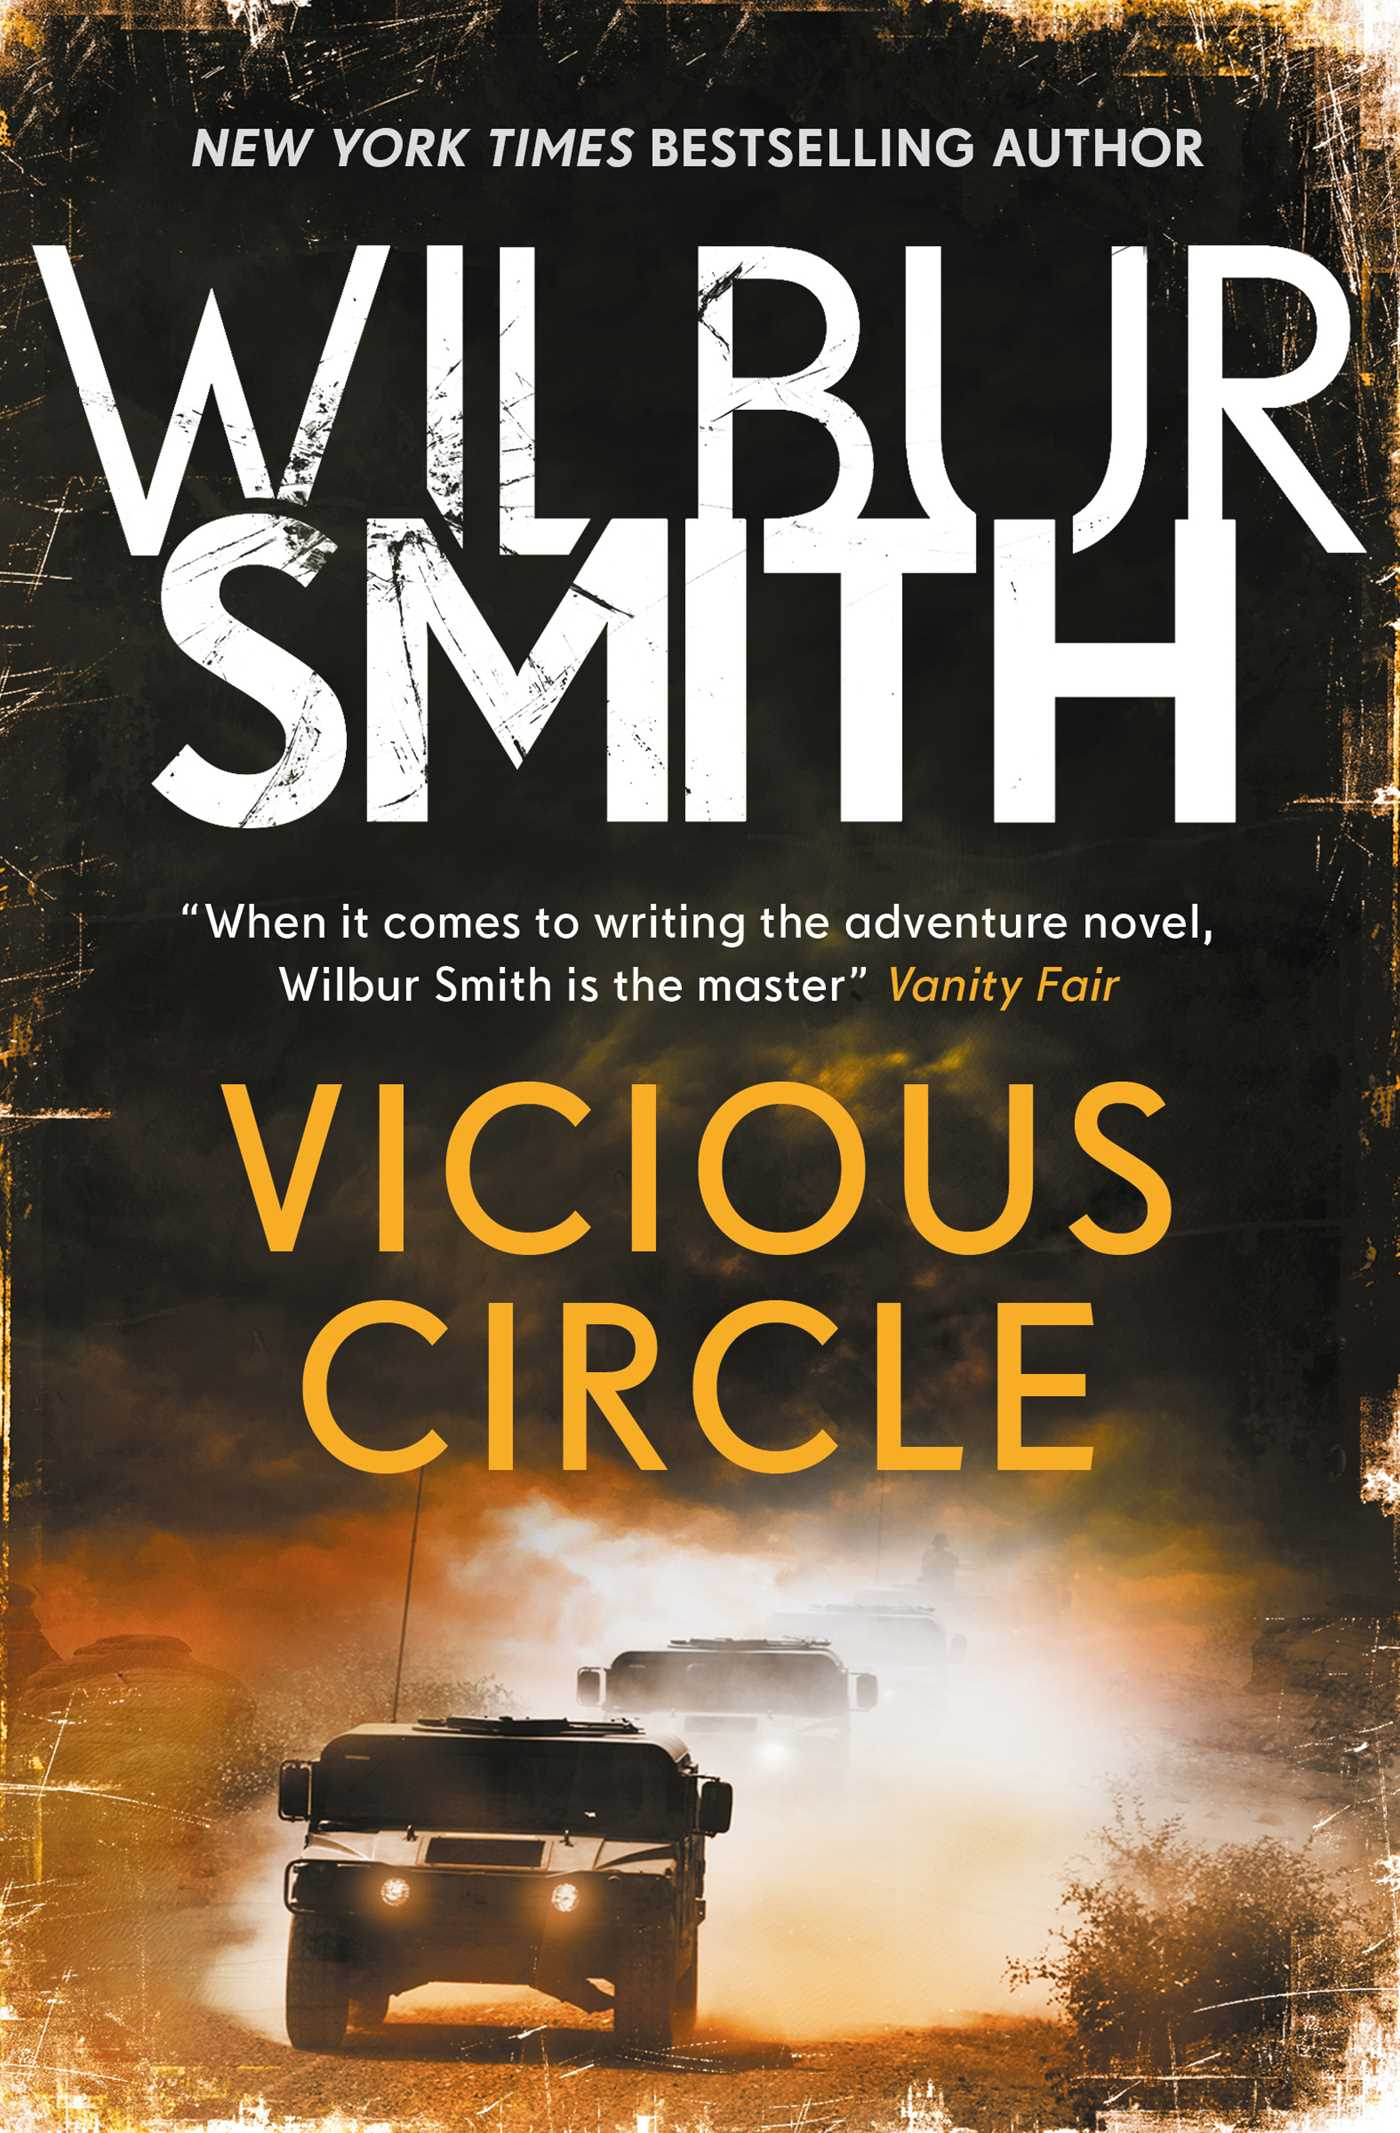 Vicious circle 9781499861235 hr